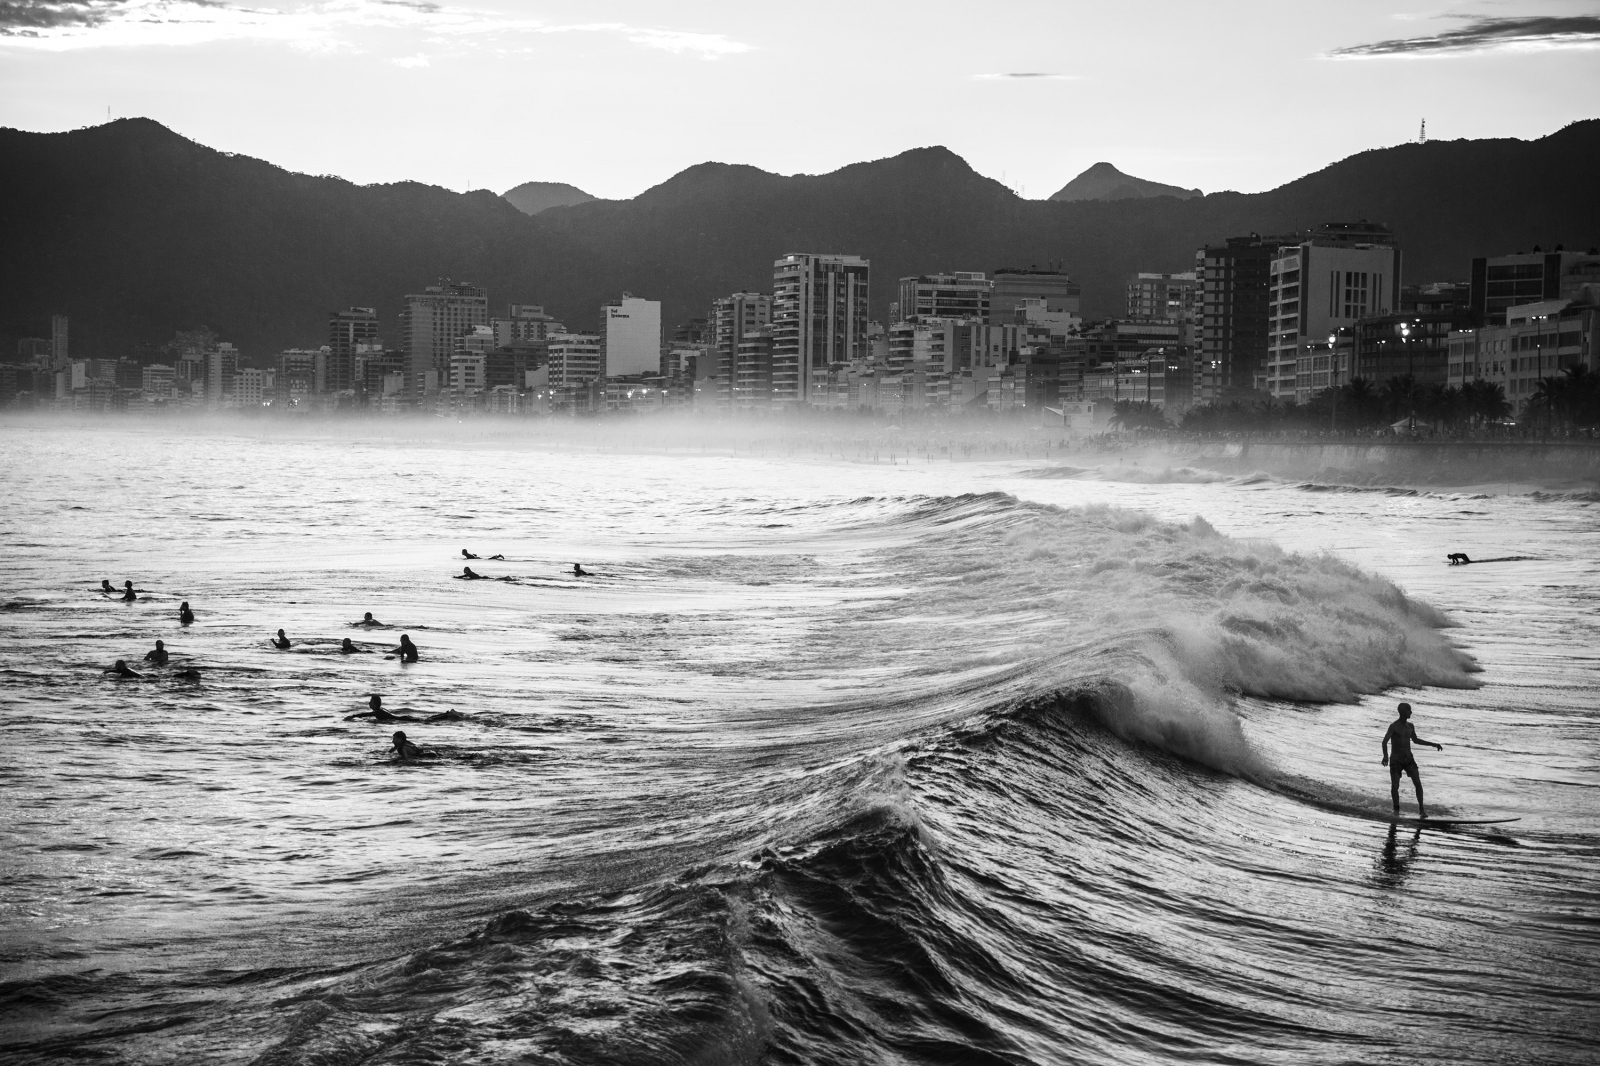 A man rides a wave at Arpoador beach, Ipanema, southern Rio de Janeiro. April 2016.